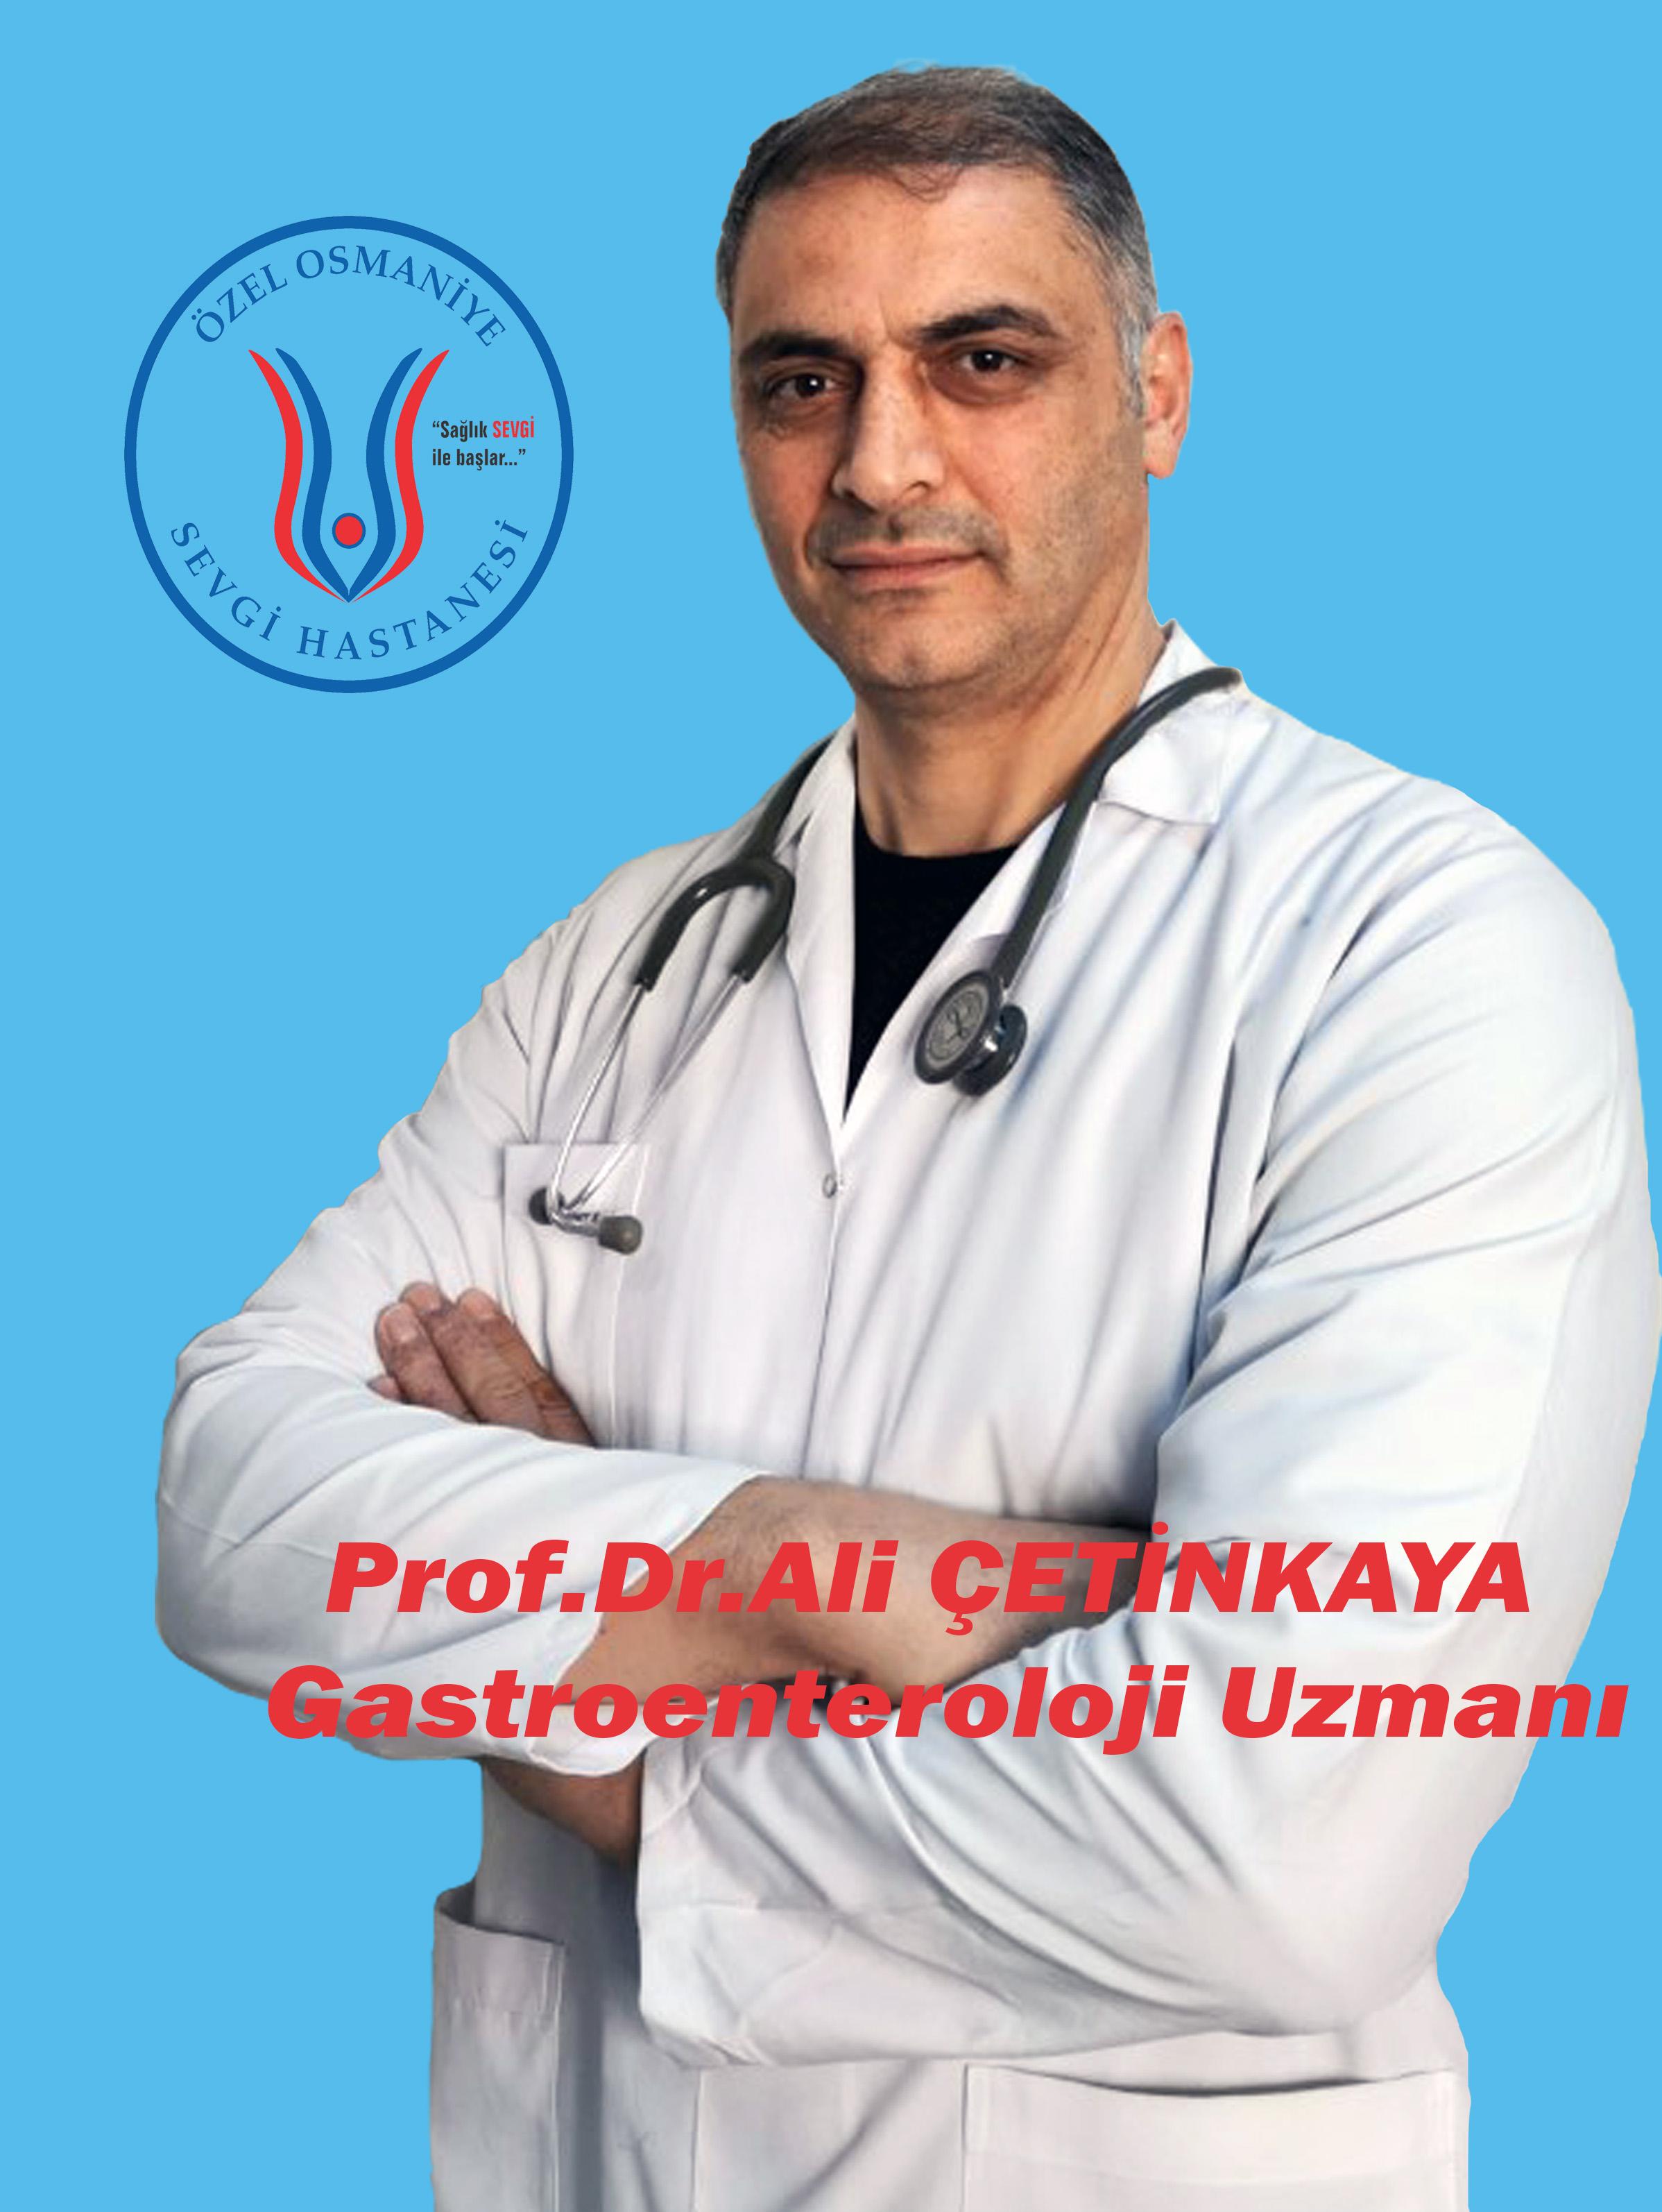 Prof. Dr. Ali ÇETİNKAYA / Gastroenteroloji Uzmanı